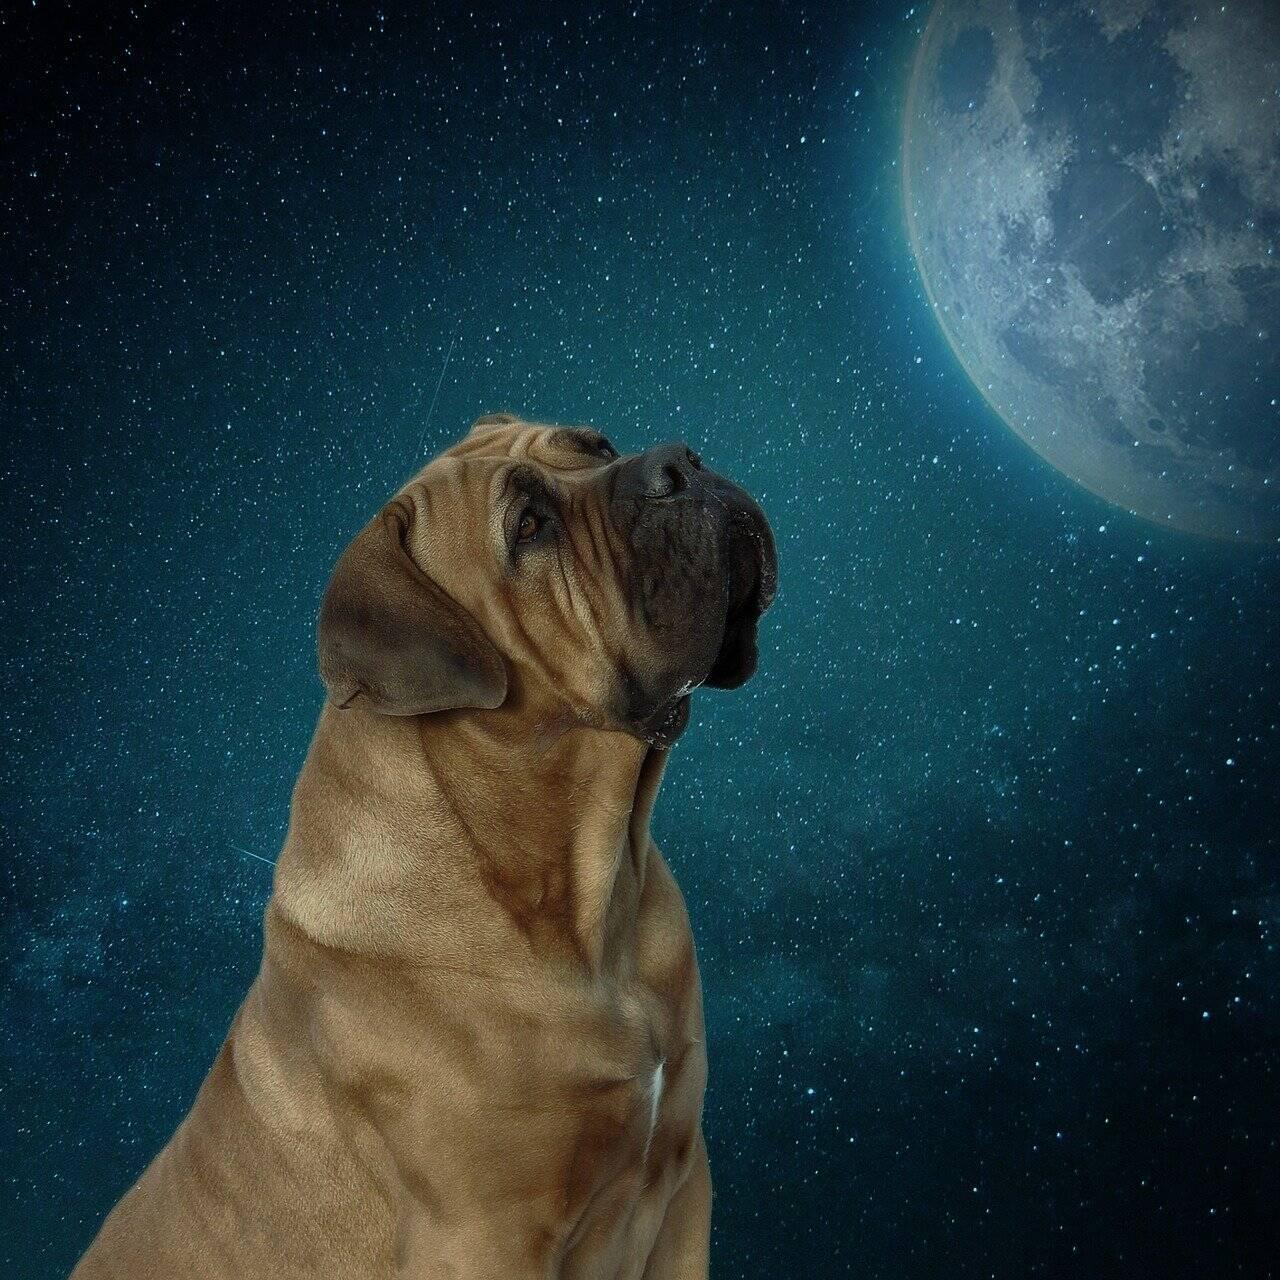 Cão na lua cheia - Foto Pixabay